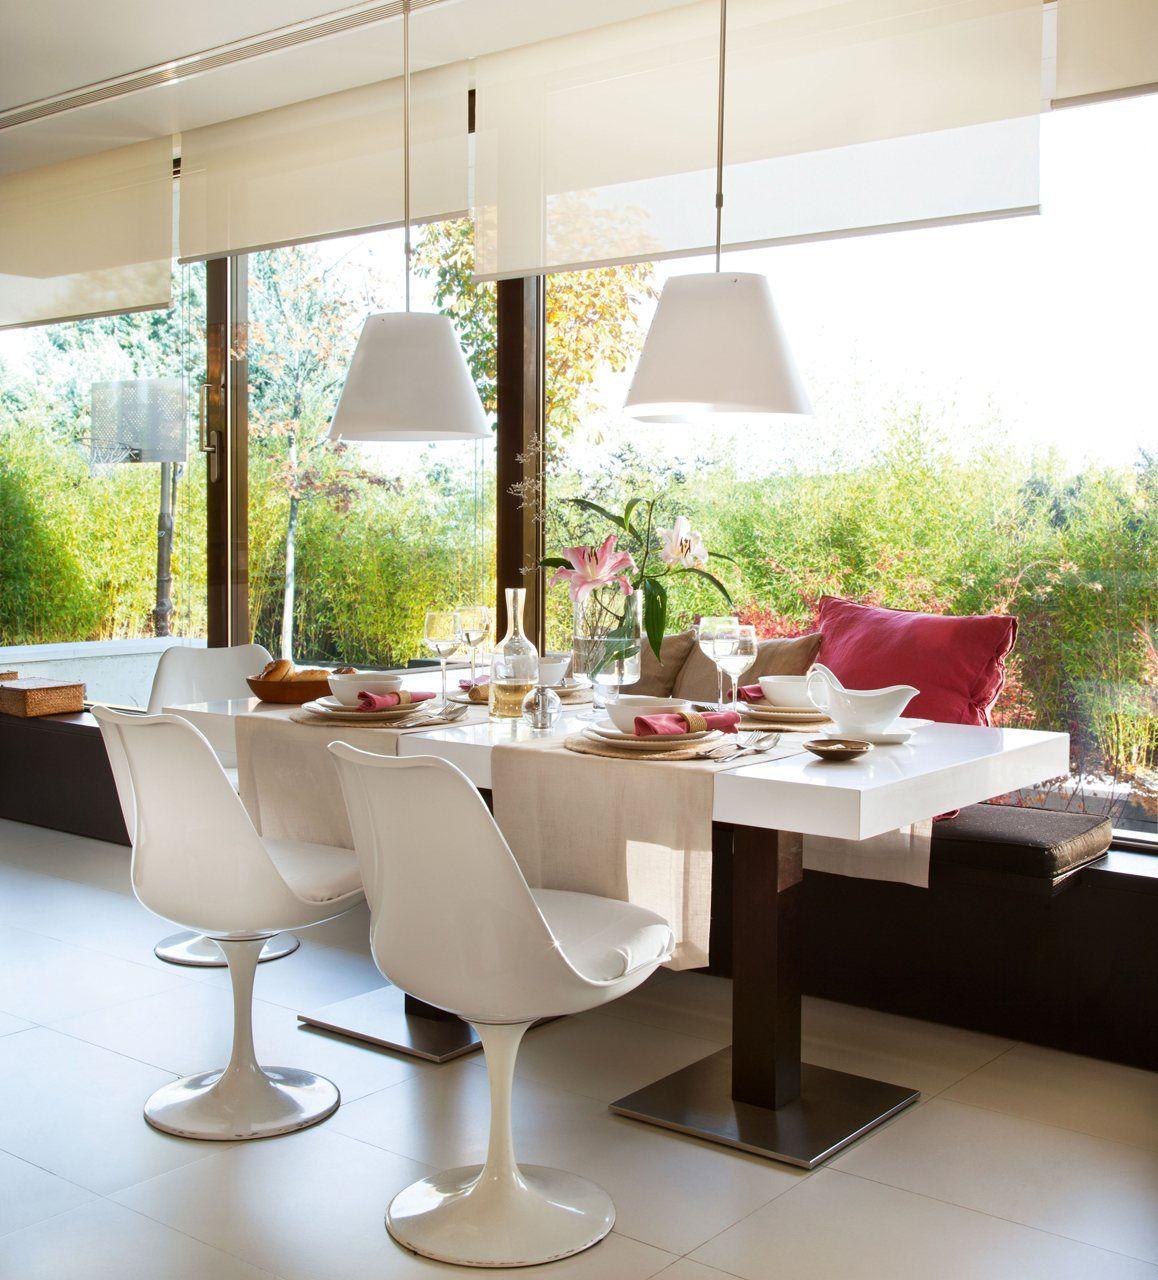 Una cocina de inspiración industrial · ElMueble.com · Cocinas y ...